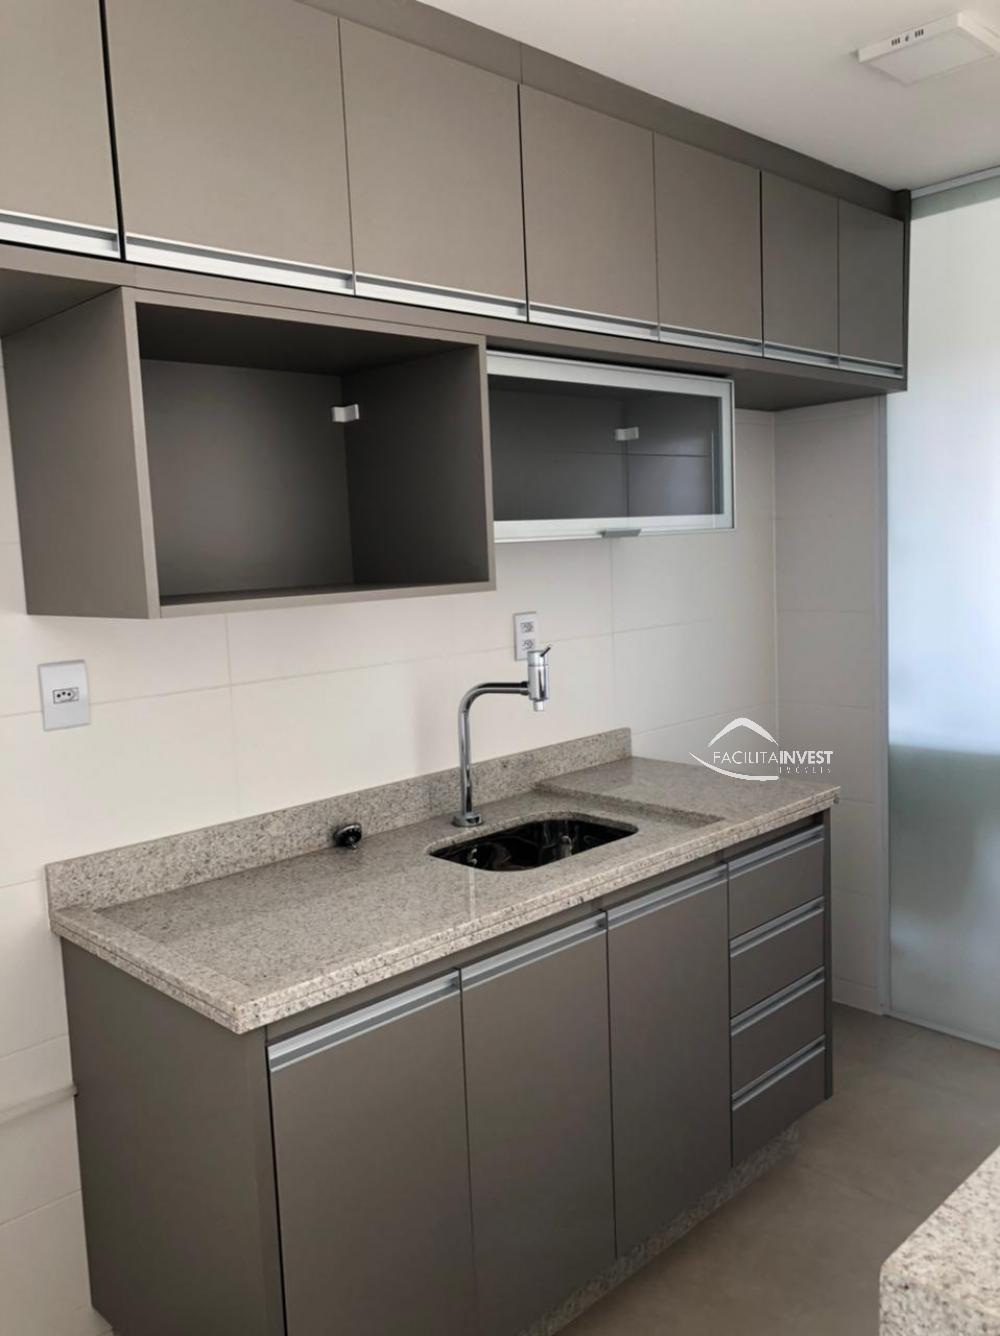 Alugar Apartamentos / Apart. Padrão em Ribeirão Preto R$ 3.200,00 - Foto 6